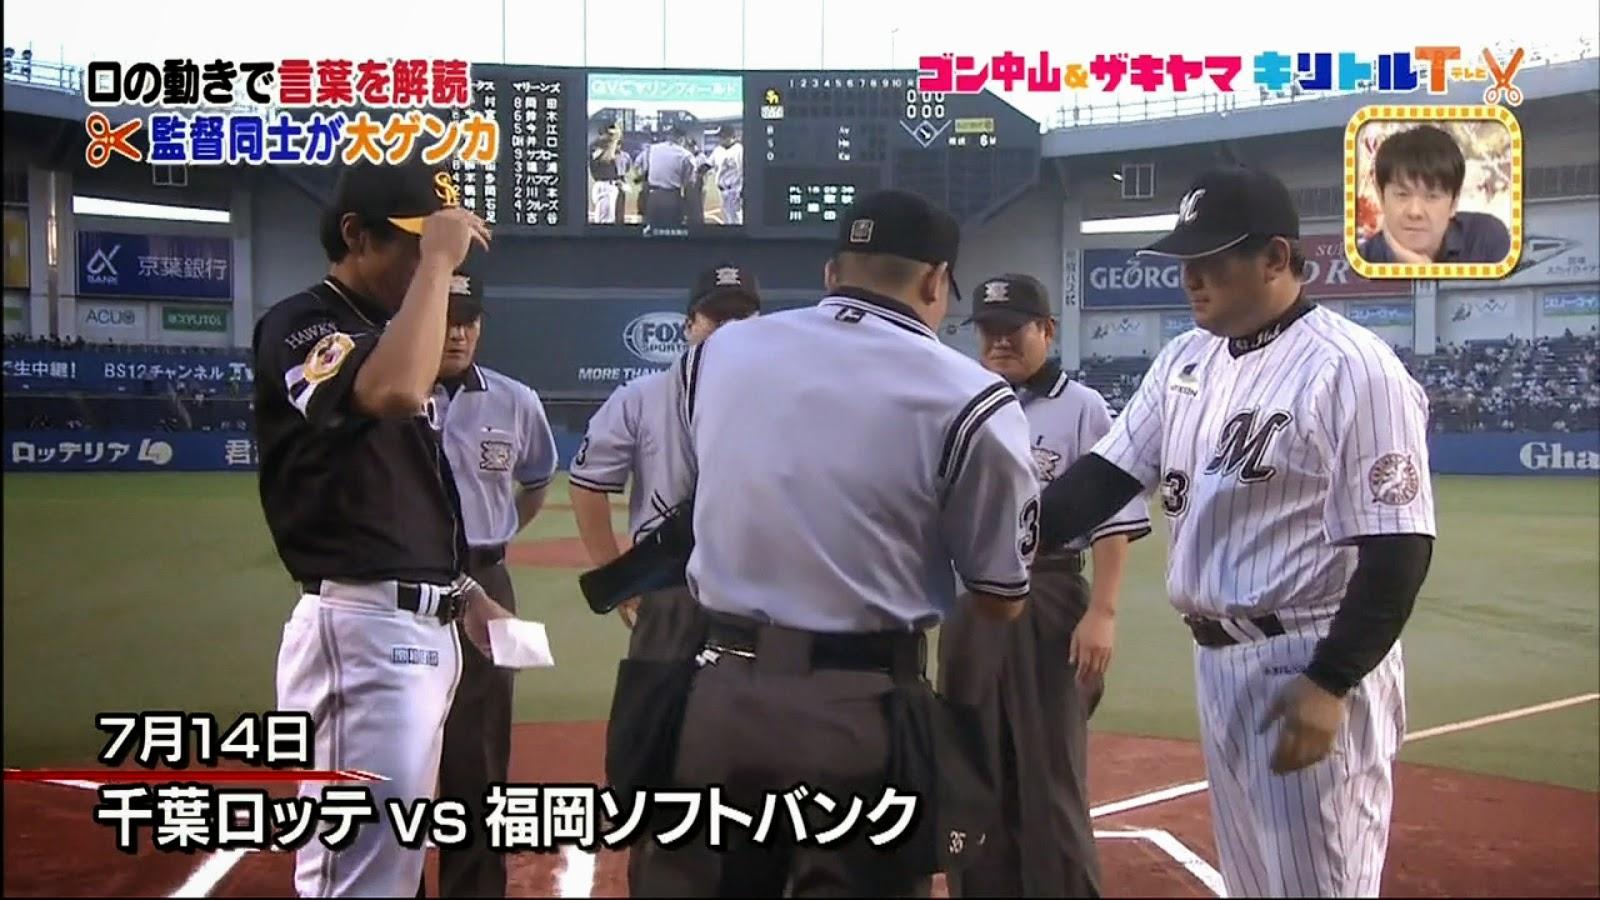 キリトルTV 読唇術まとめ - 野球...